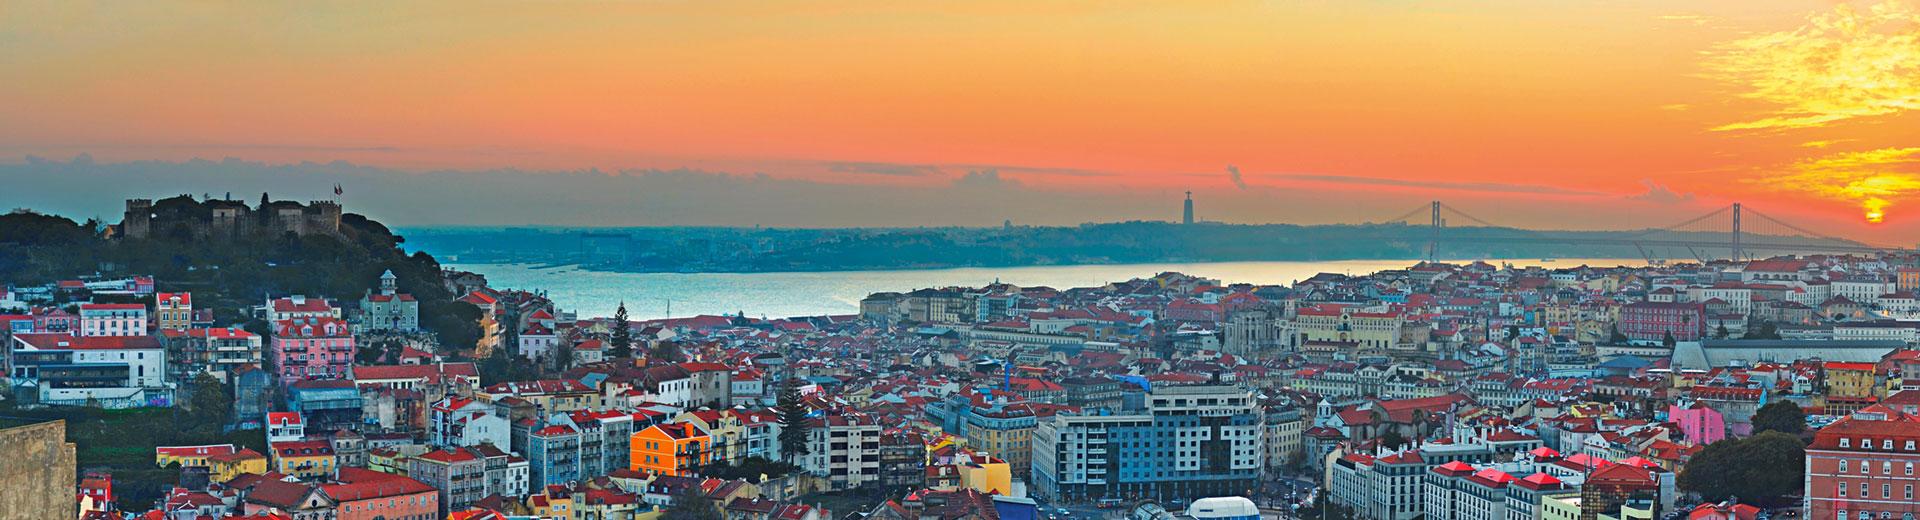 Voyages en groupe Lisbonne - offre Economique